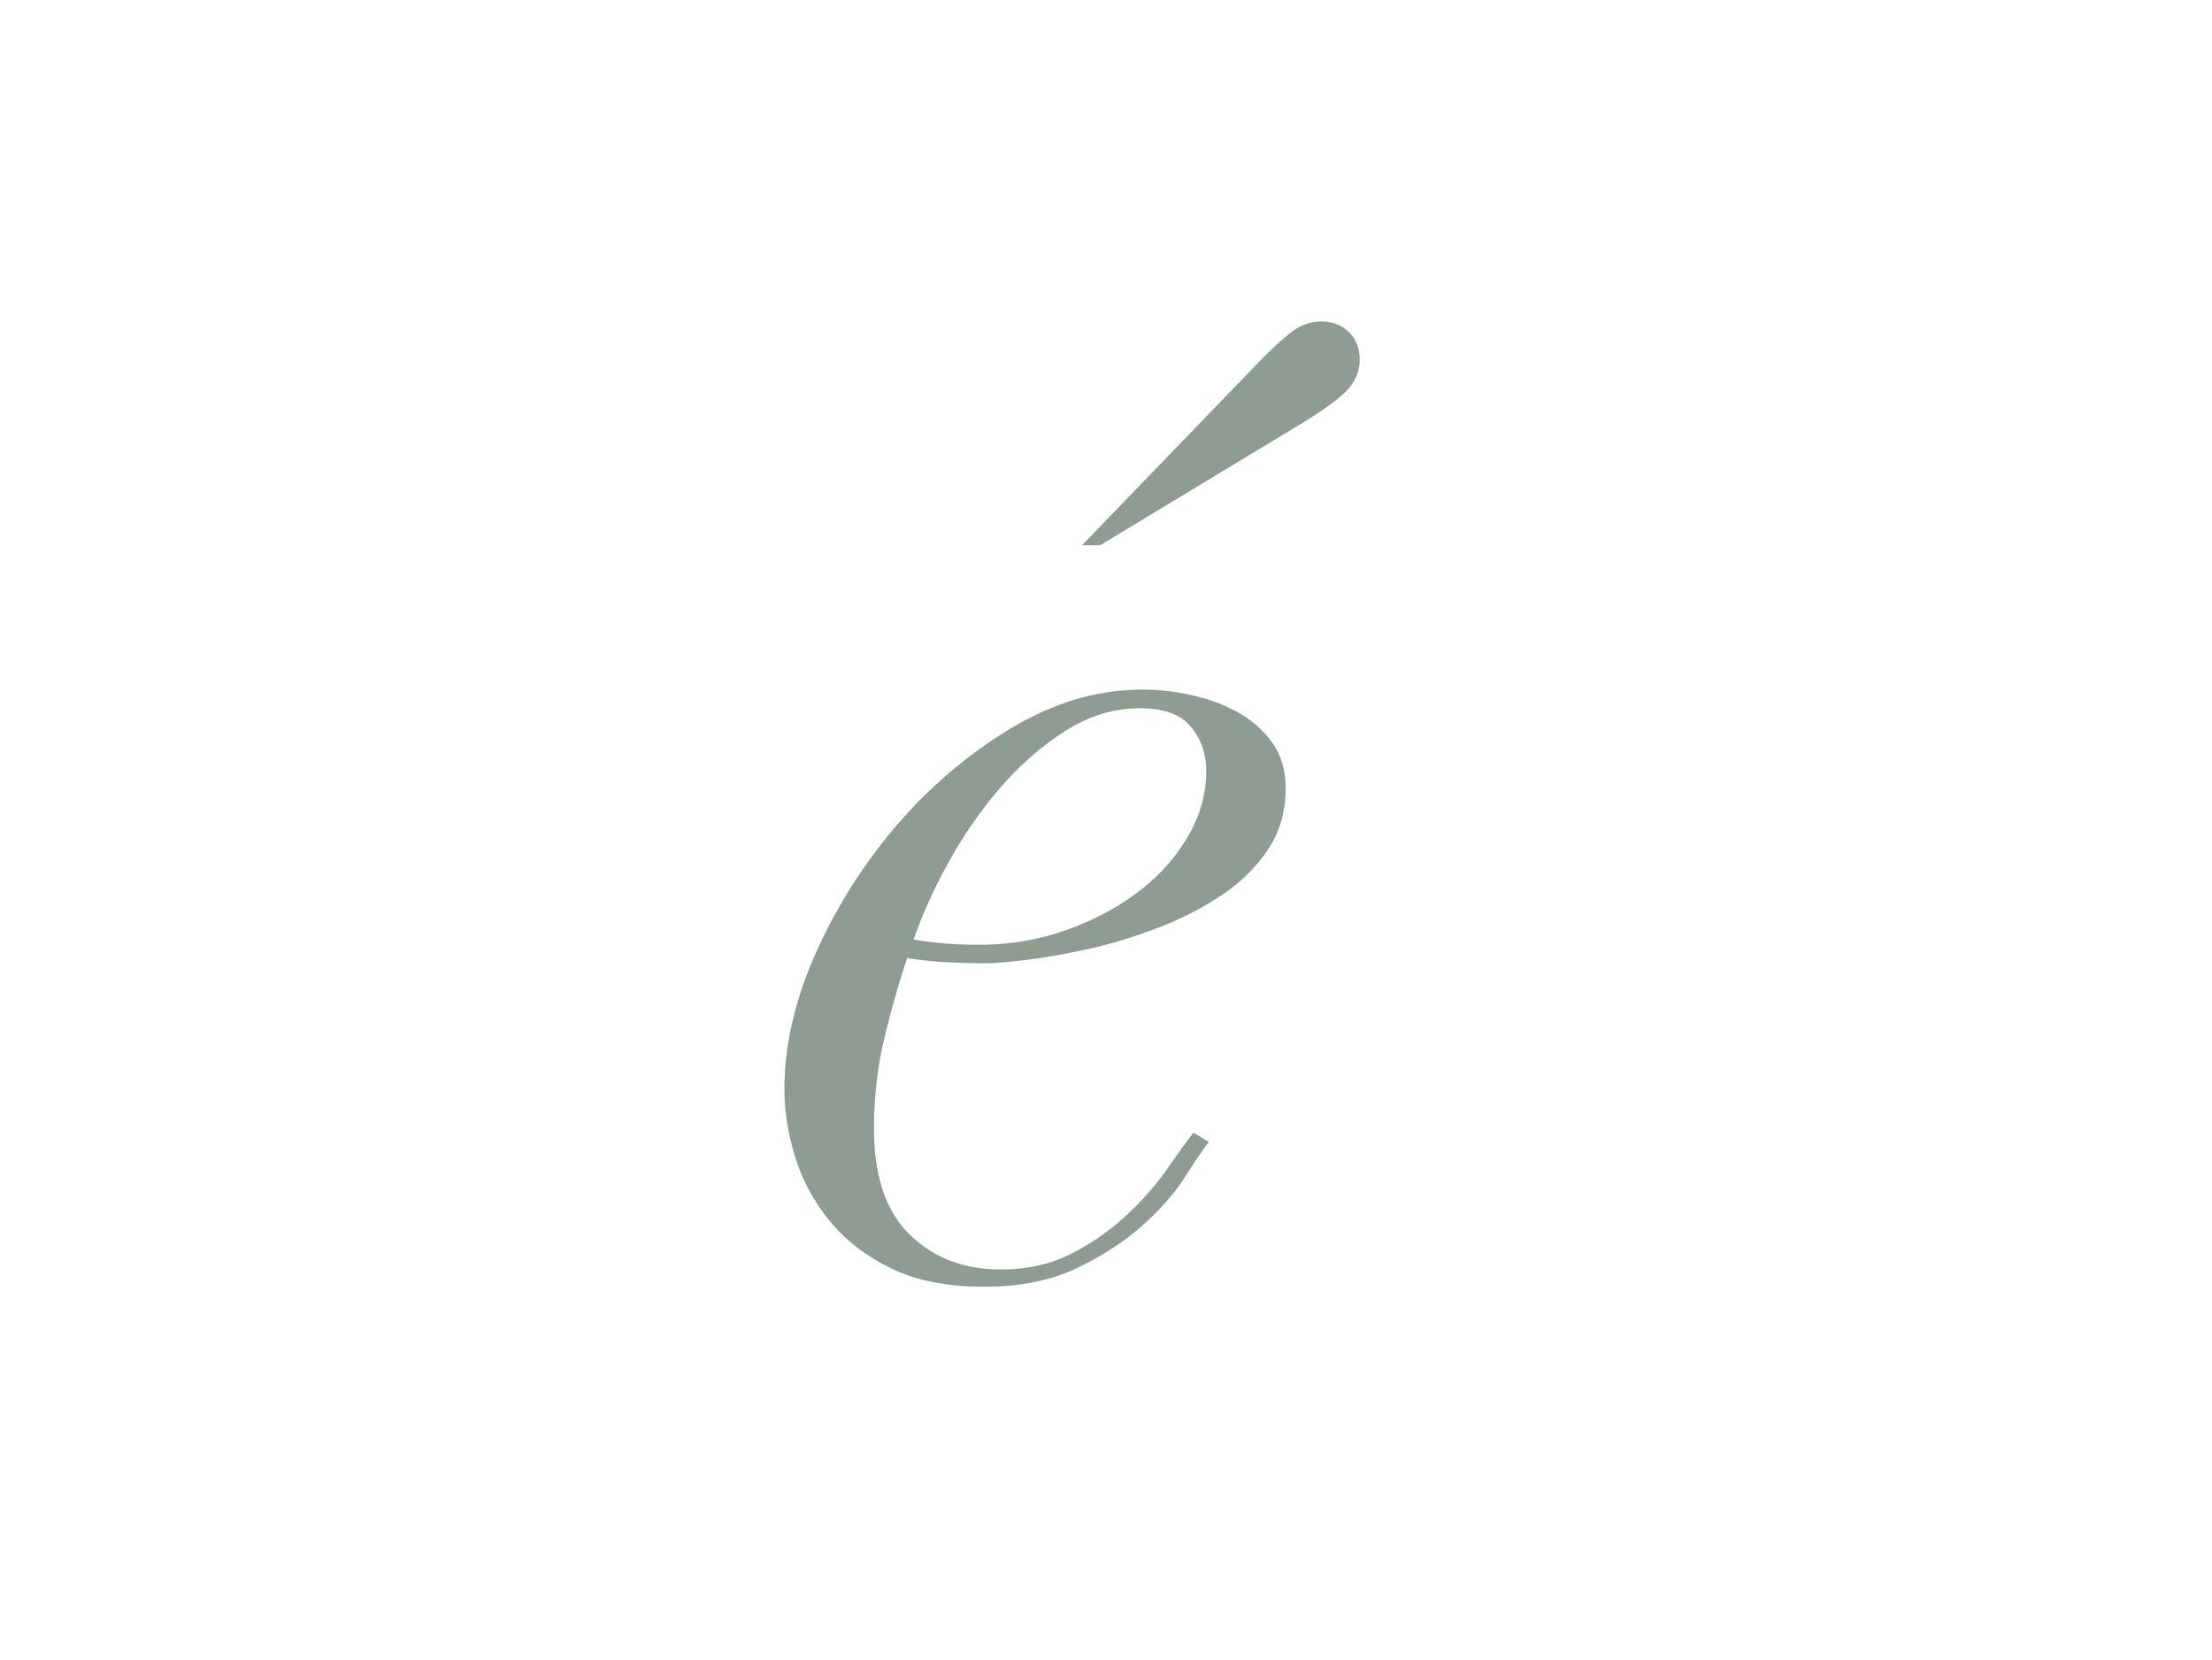 branding-09.jpg